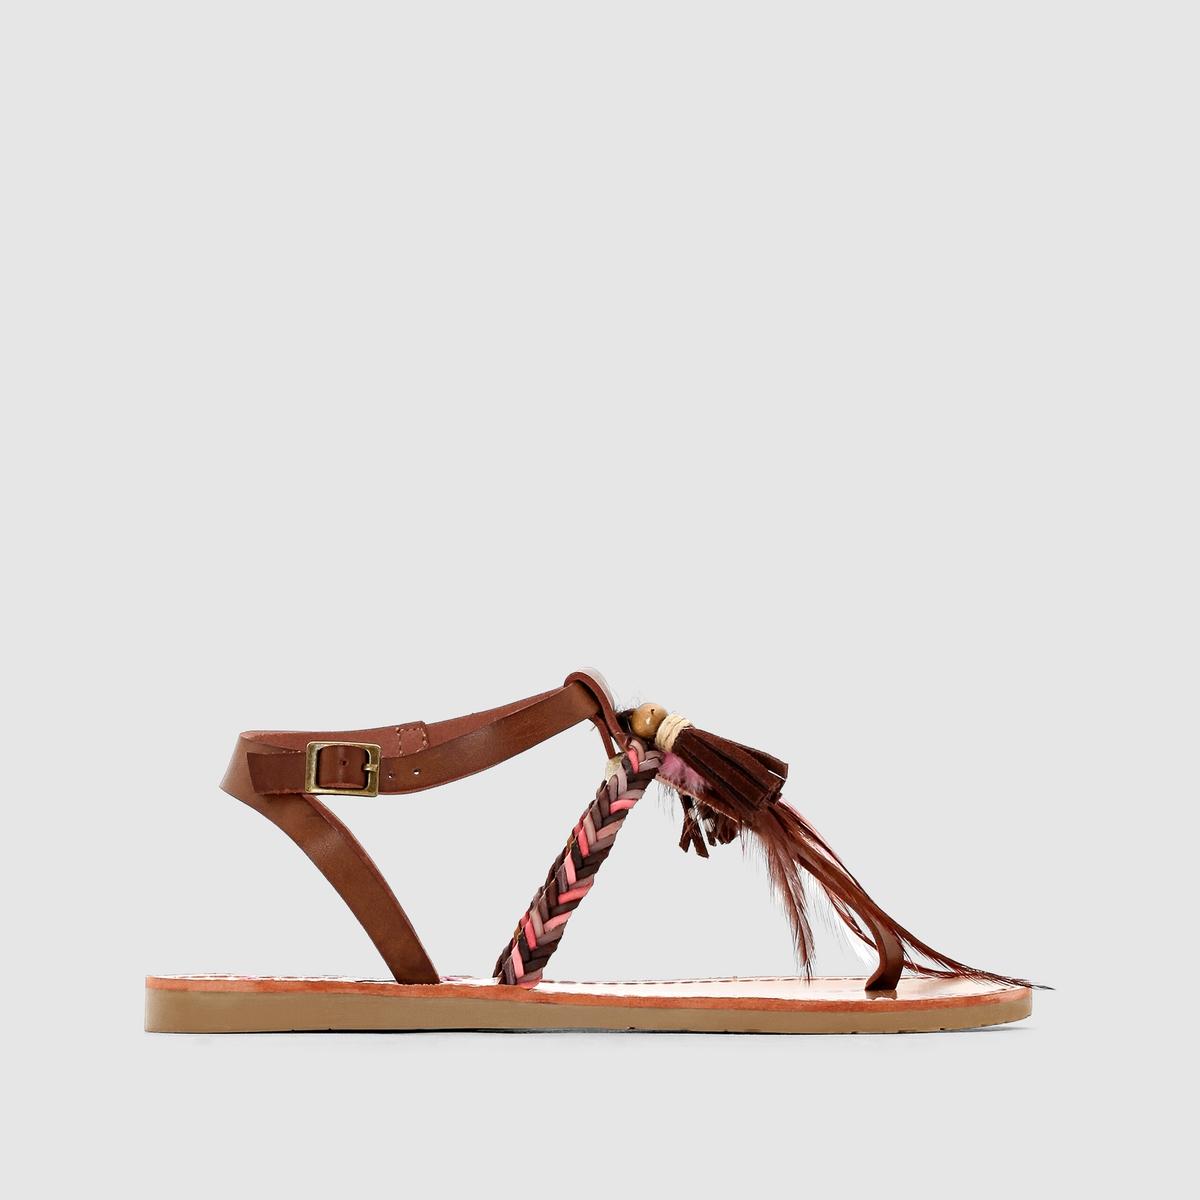 Сандалии с перемычкой между пальцами, на плоском каблуке, MELROSEКак следует из названия компании, Coolway - это отличный способ получить широкий ассортимент модной и… классной обуви ! Одновременно городской, оригинальный, в духе модных тенденций стиль, изделия, всегда отвечающие нашим модным потребностям, меняющиеся, как и наш стиль !<br><br>Цвет: каштановый,черный<br>Размер: 38.36.37